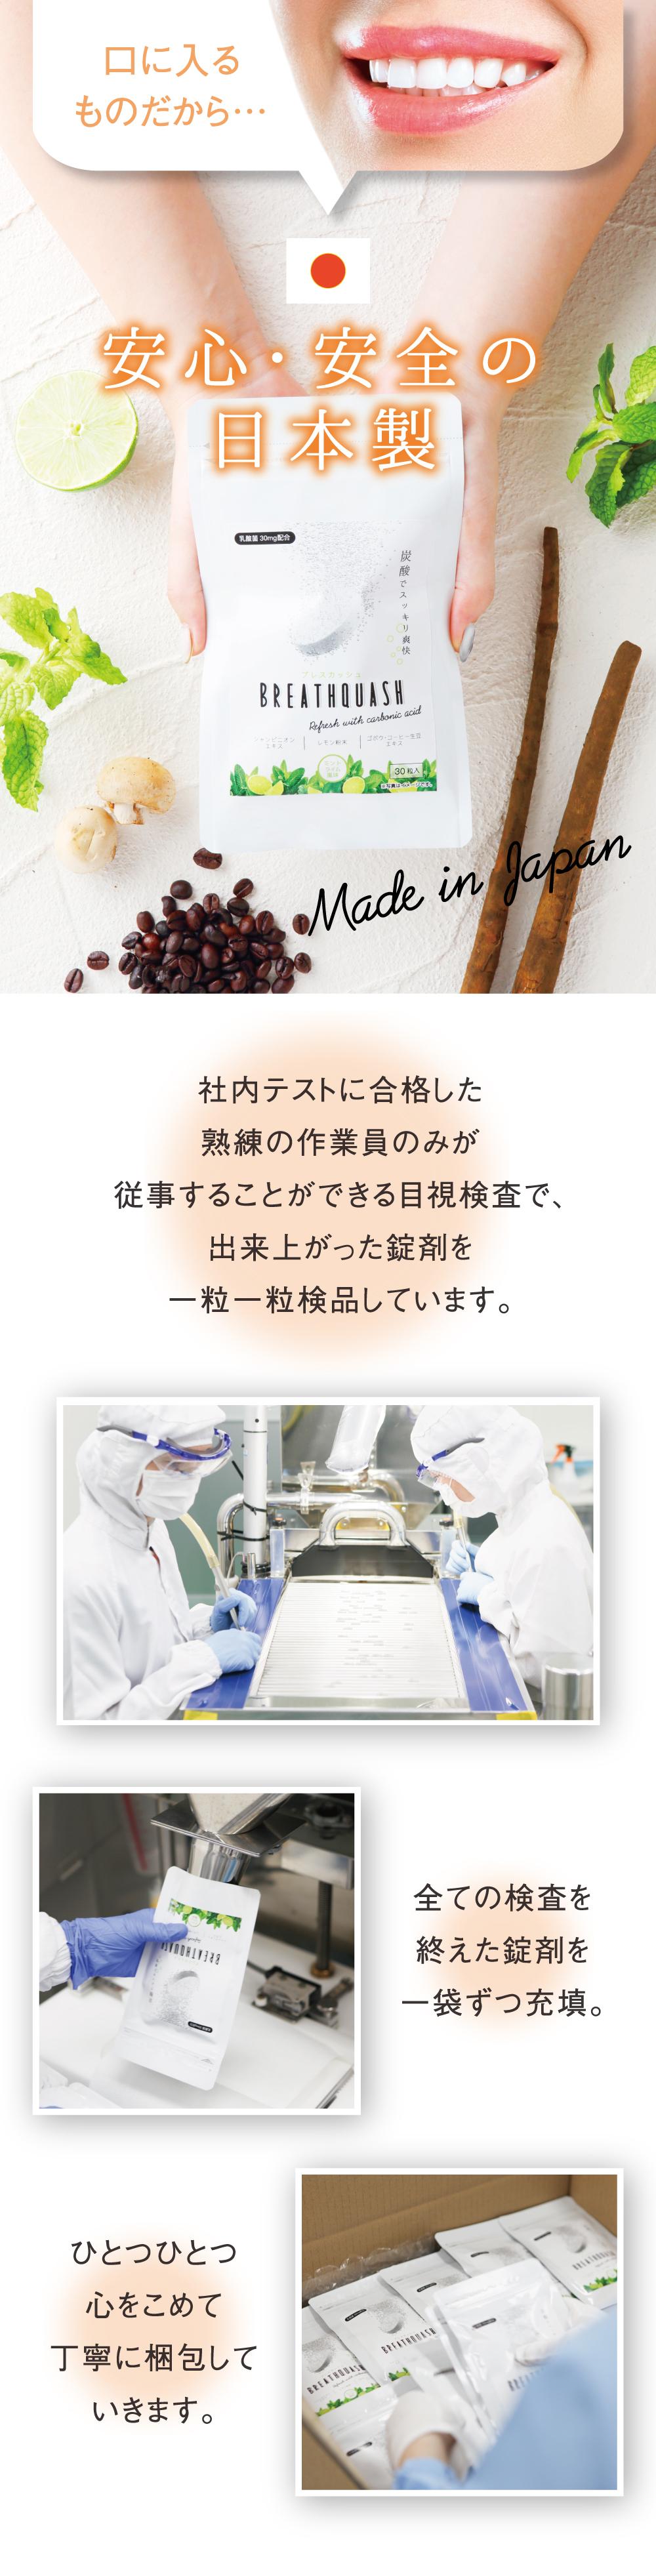 【公式】炭酸タブレット ブレスカッシュ